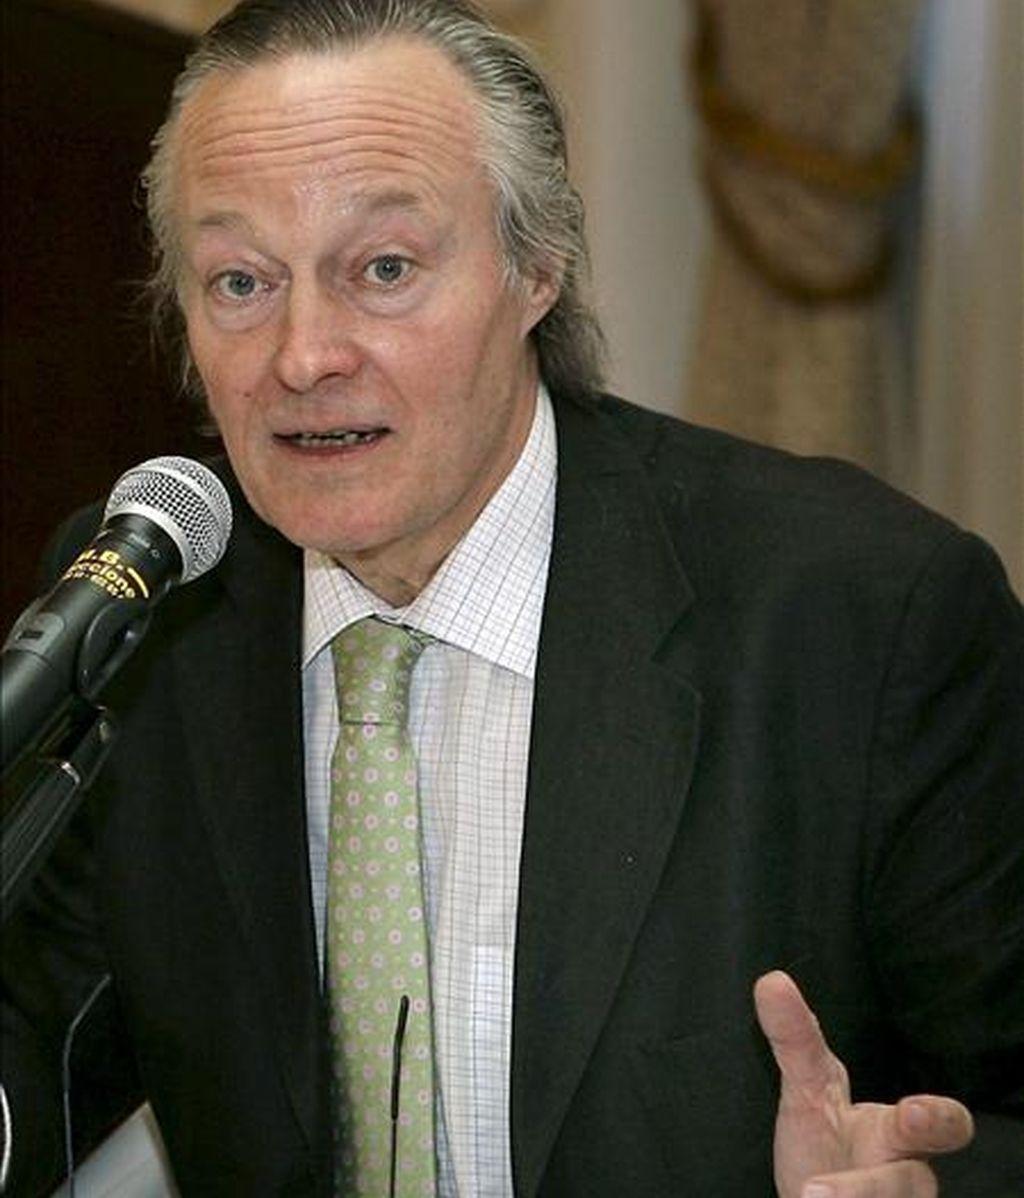 El presidente de la compañía aérea Vueling, Josep Piqué. EFE/Archivo